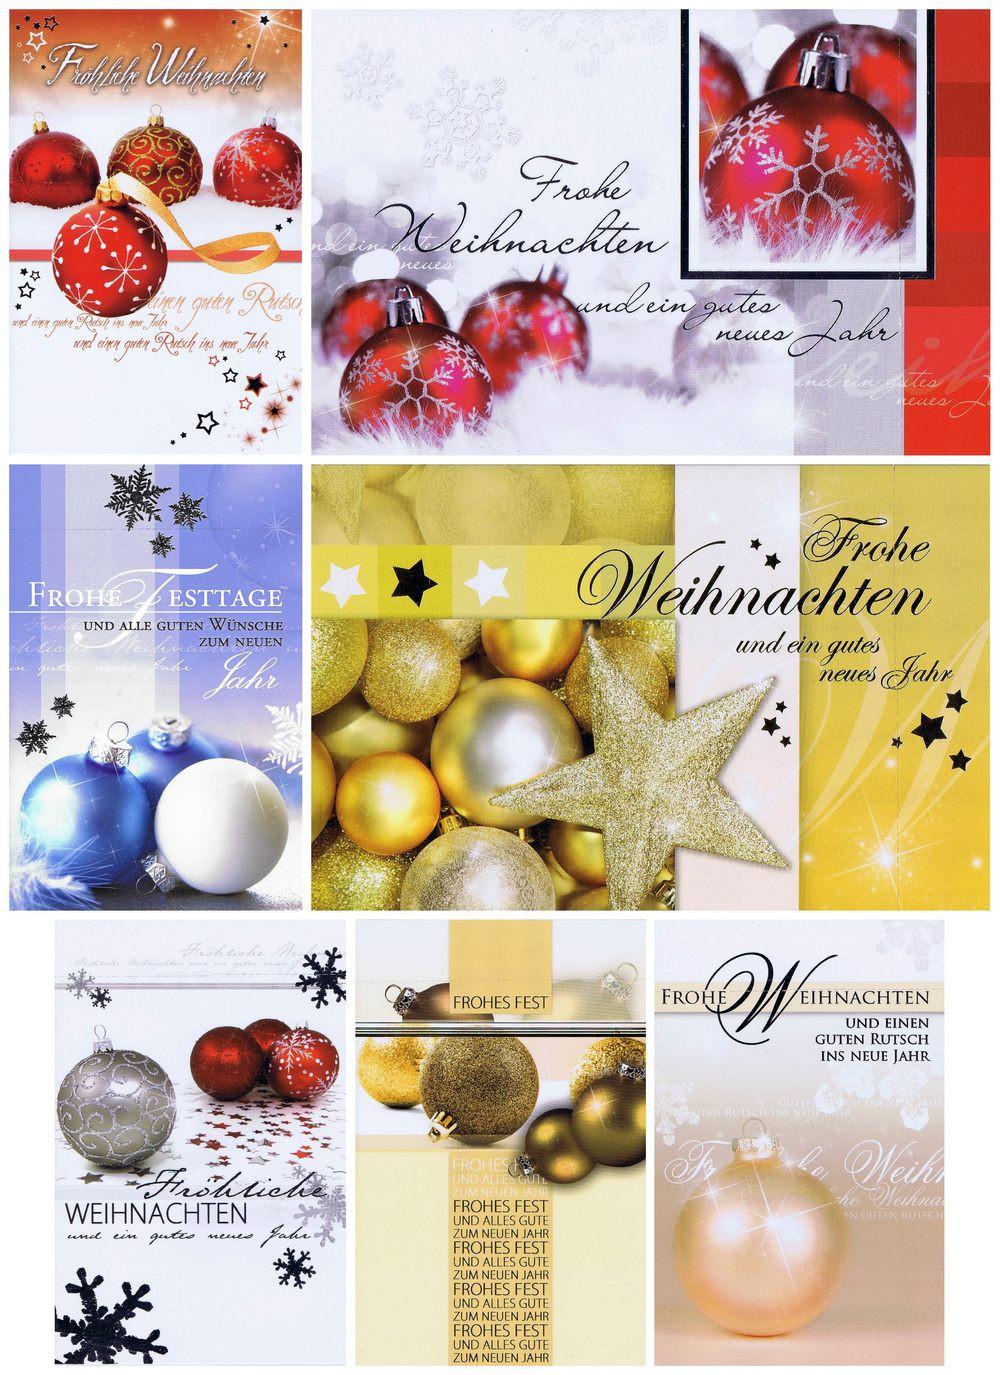 Weihnachtskarten in dezenten Farbtönen und edlem Look